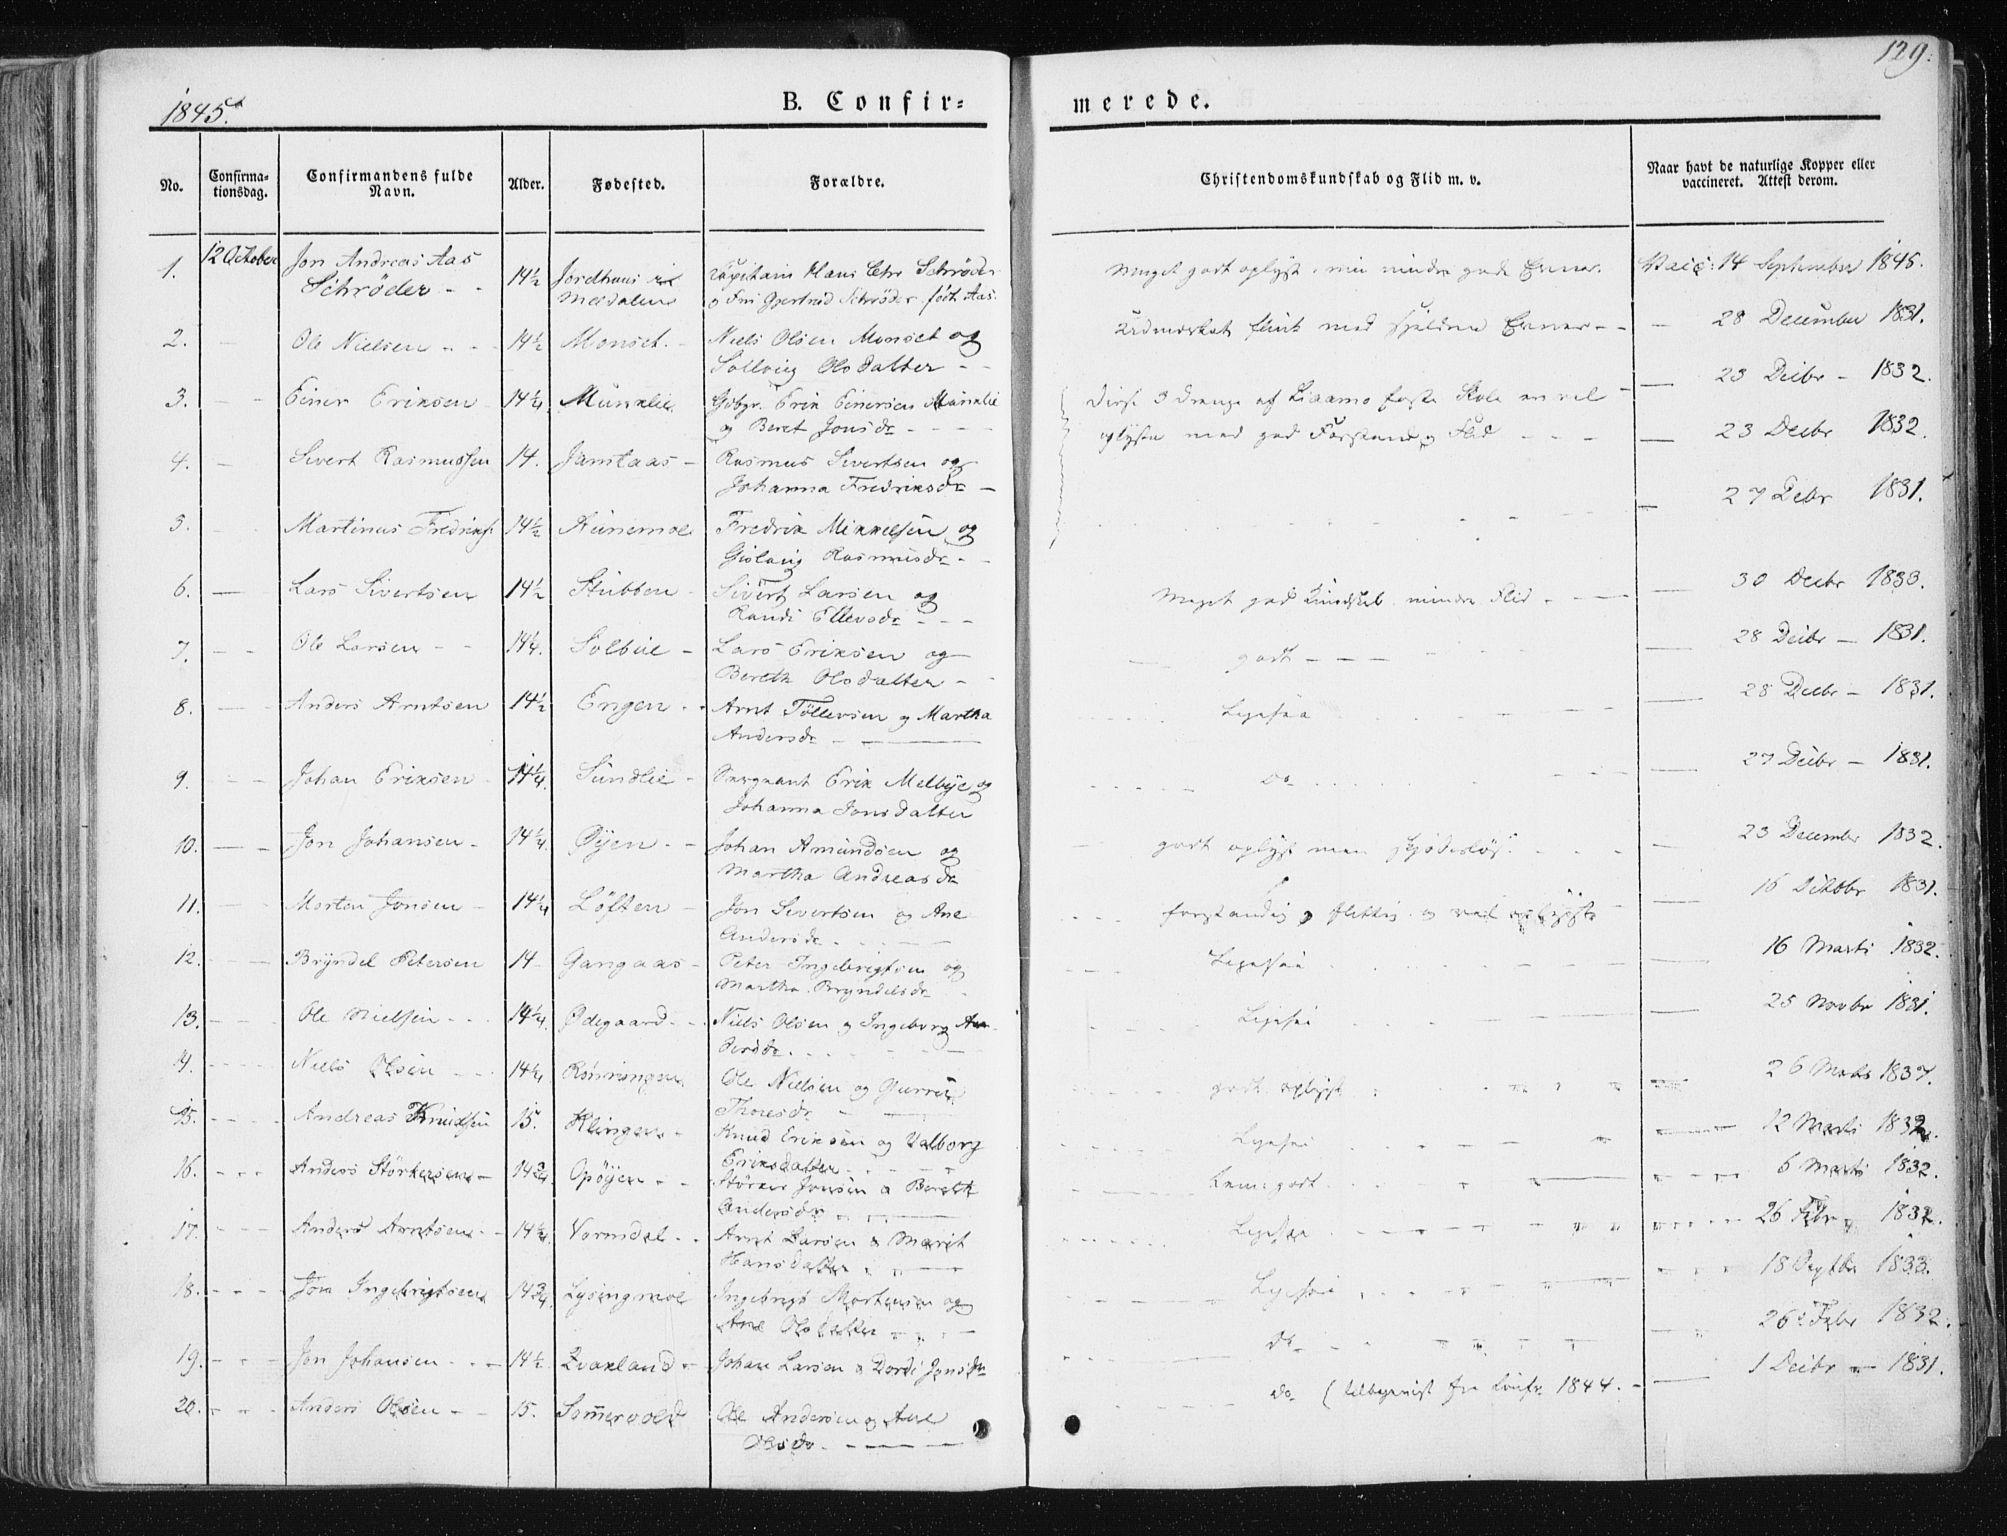 SAT, Ministerialprotokoller, klokkerbøker og fødselsregistre - Sør-Trøndelag, 668/L0805: Ministerialbok nr. 668A05, 1840-1853, s. 129